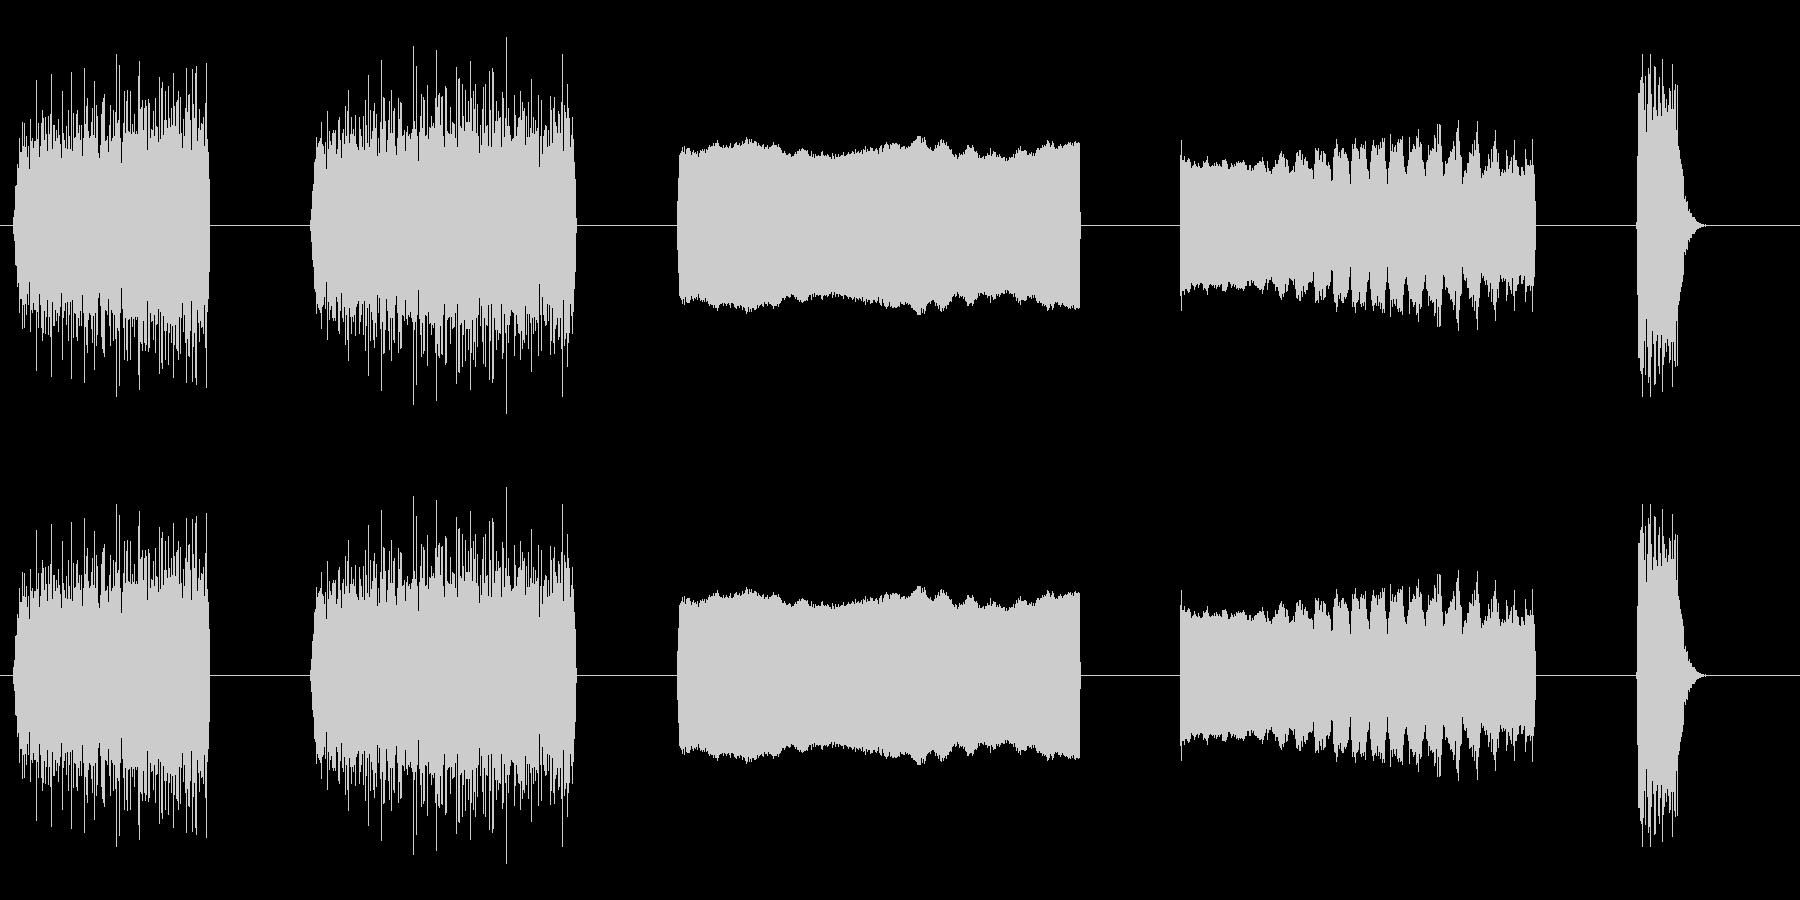 レーザービームミディアムレーザービ...の未再生の波形